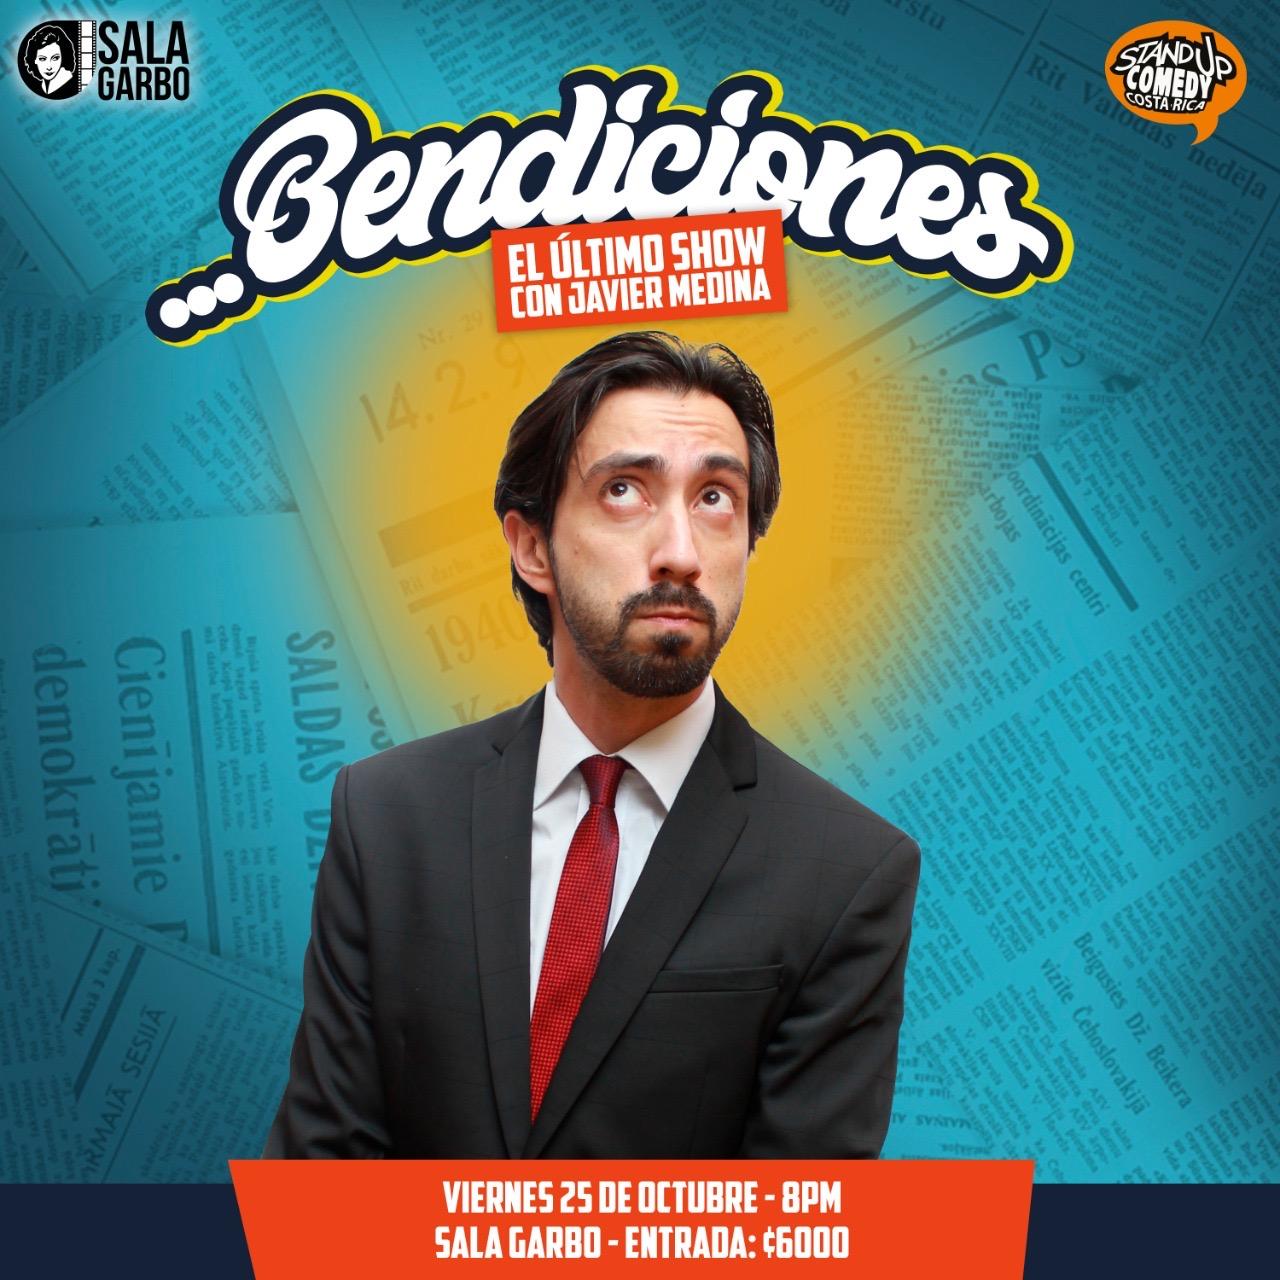 Bendiciones. Comedia con Javier Medina en la Sala Garbo